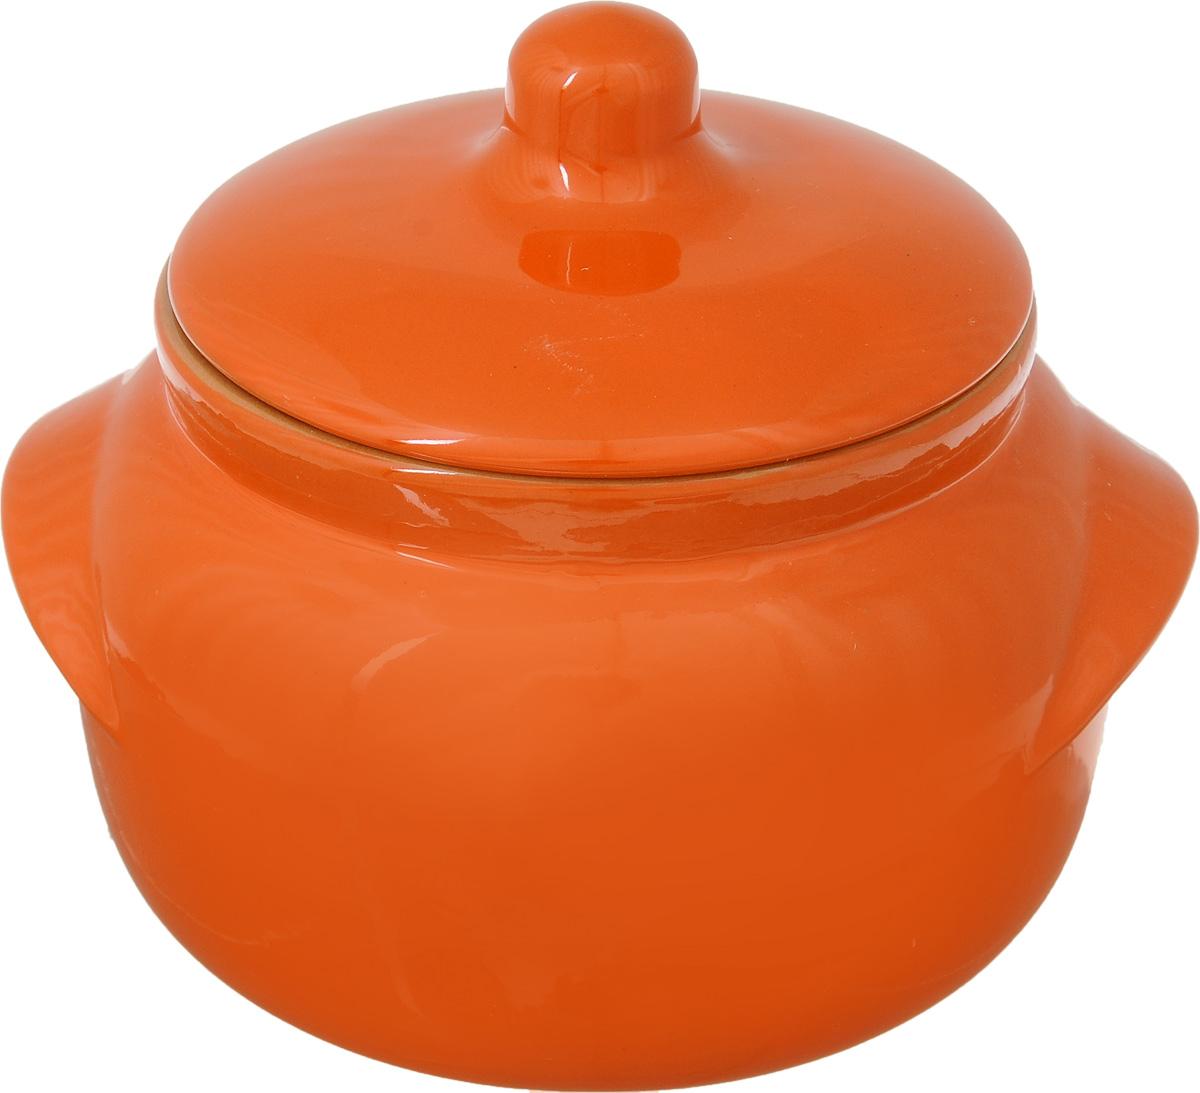 Горшок для жаркого Борисовская керамика Новарусса, 0,5 лРАД14457746Горшок для жаркого Борисовская керамика Новарусса выполнен из высококачественной керамики. Внутренняя и внешняя поверхность покрыты глазурью. Керамика абсолютно безопасна, поэтому изделие придется по вкусу любителям здоровой и полезной пищи. Горшок для запекания с крышкой очень вместителен и имеет удобную форму. . Посуда жаропрочная. Можно использовать в духовке и микроволновой печи. Диаметр горшочка (по верхнему краю): 10 см. Высота (без учета крышки): 19 см.